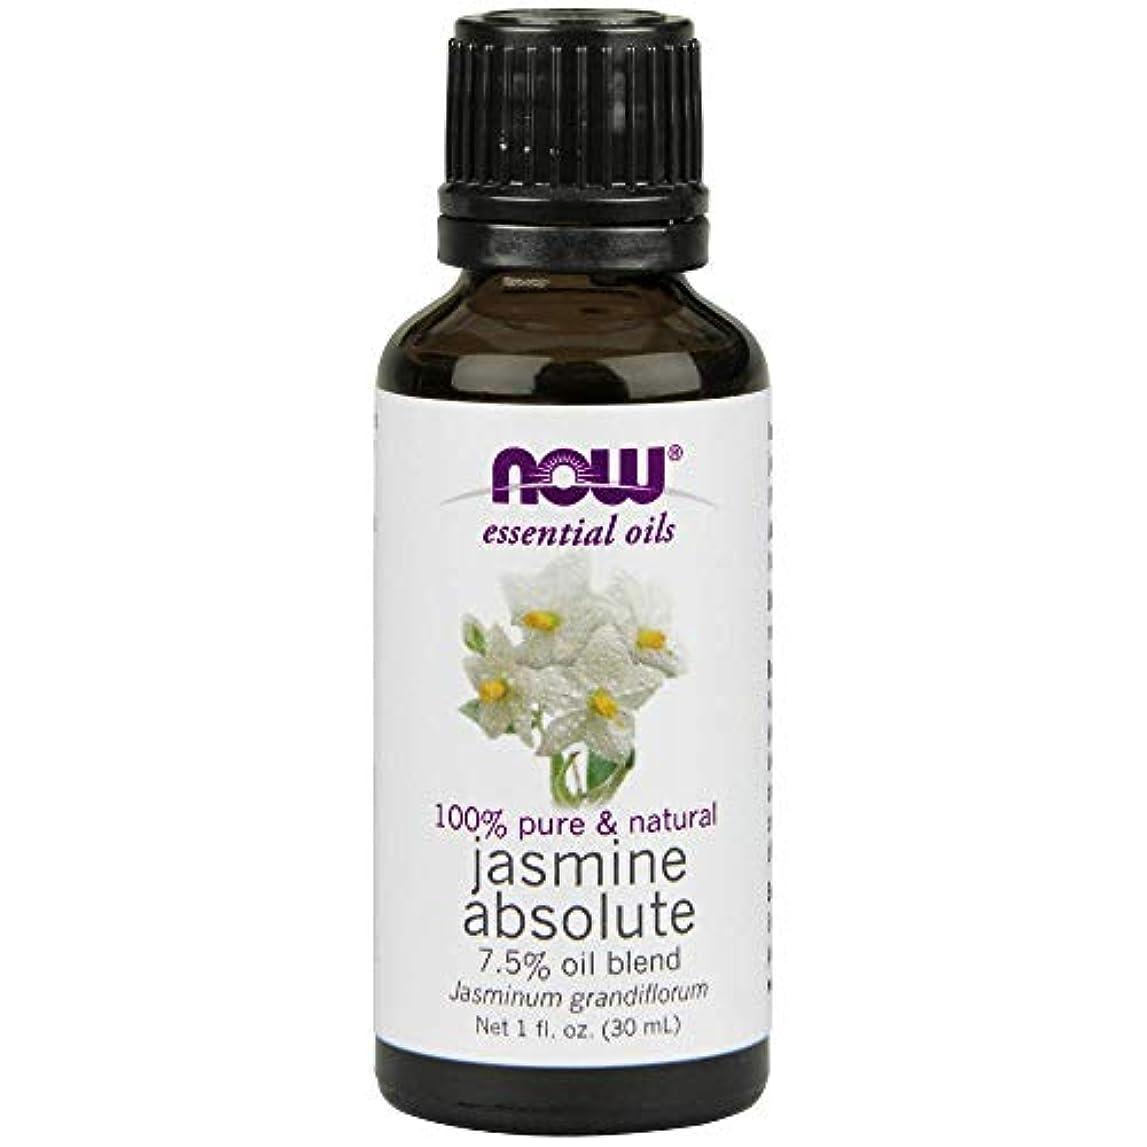 呼吸実験をするアイスクリームNow - Jasmine Absolute Oil 7.5% Oil Blend 1 oz (30 ml) [並行輸入品]